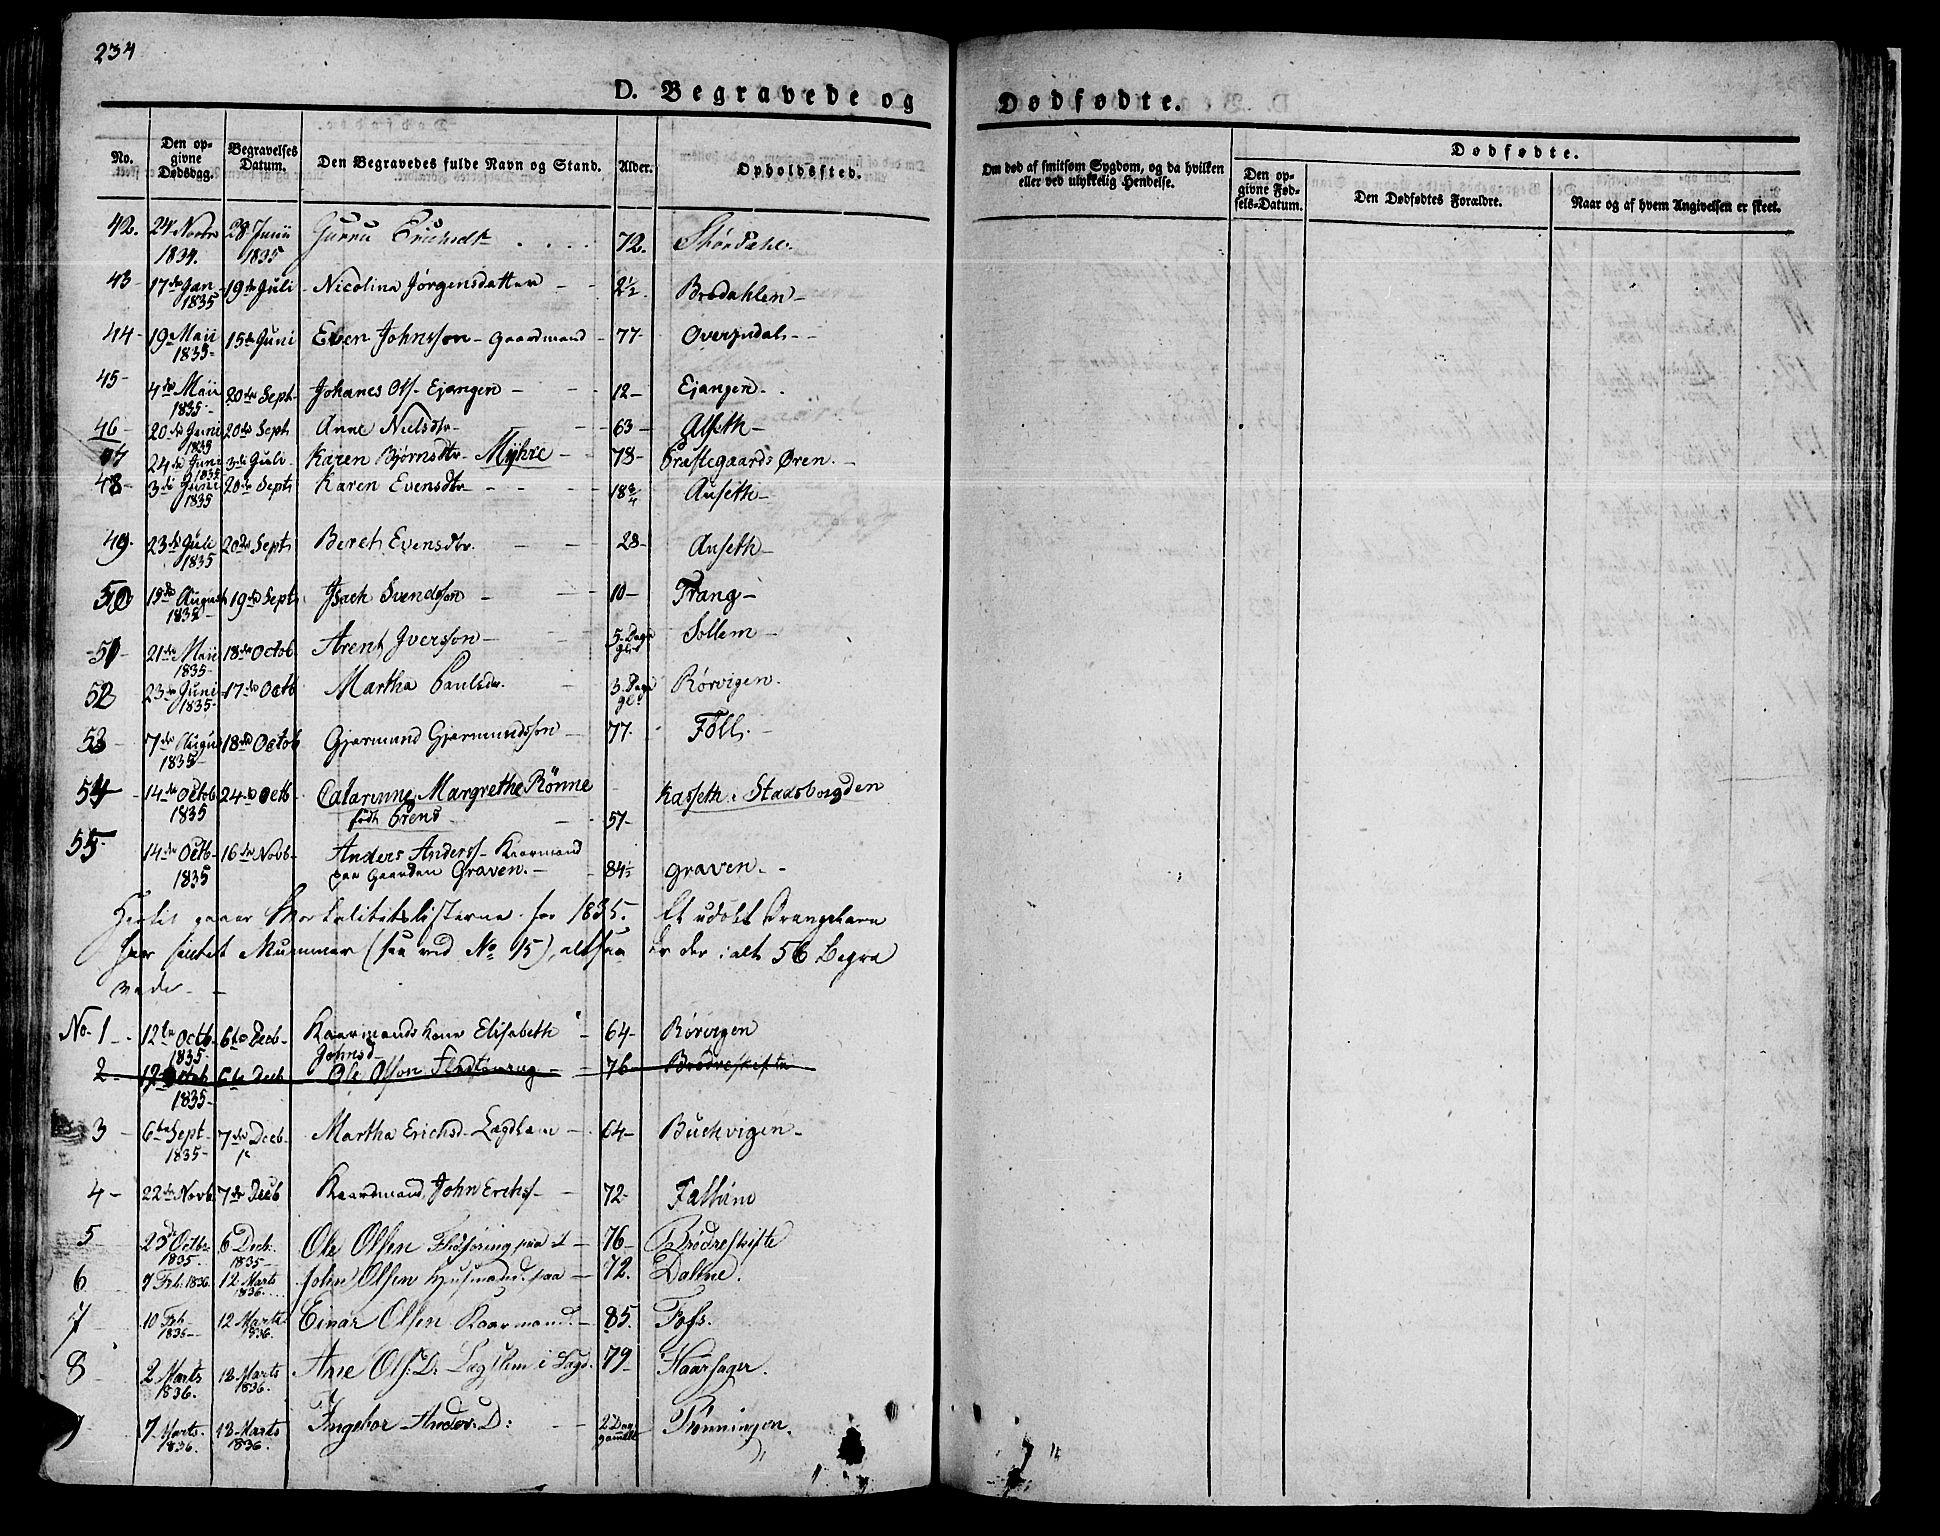 SAT, Ministerialprotokoller, klokkerbøker og fødselsregistre - Sør-Trøndelag, 646/L0609: Ministerialbok nr. 646A07, 1826-1838, s. 234